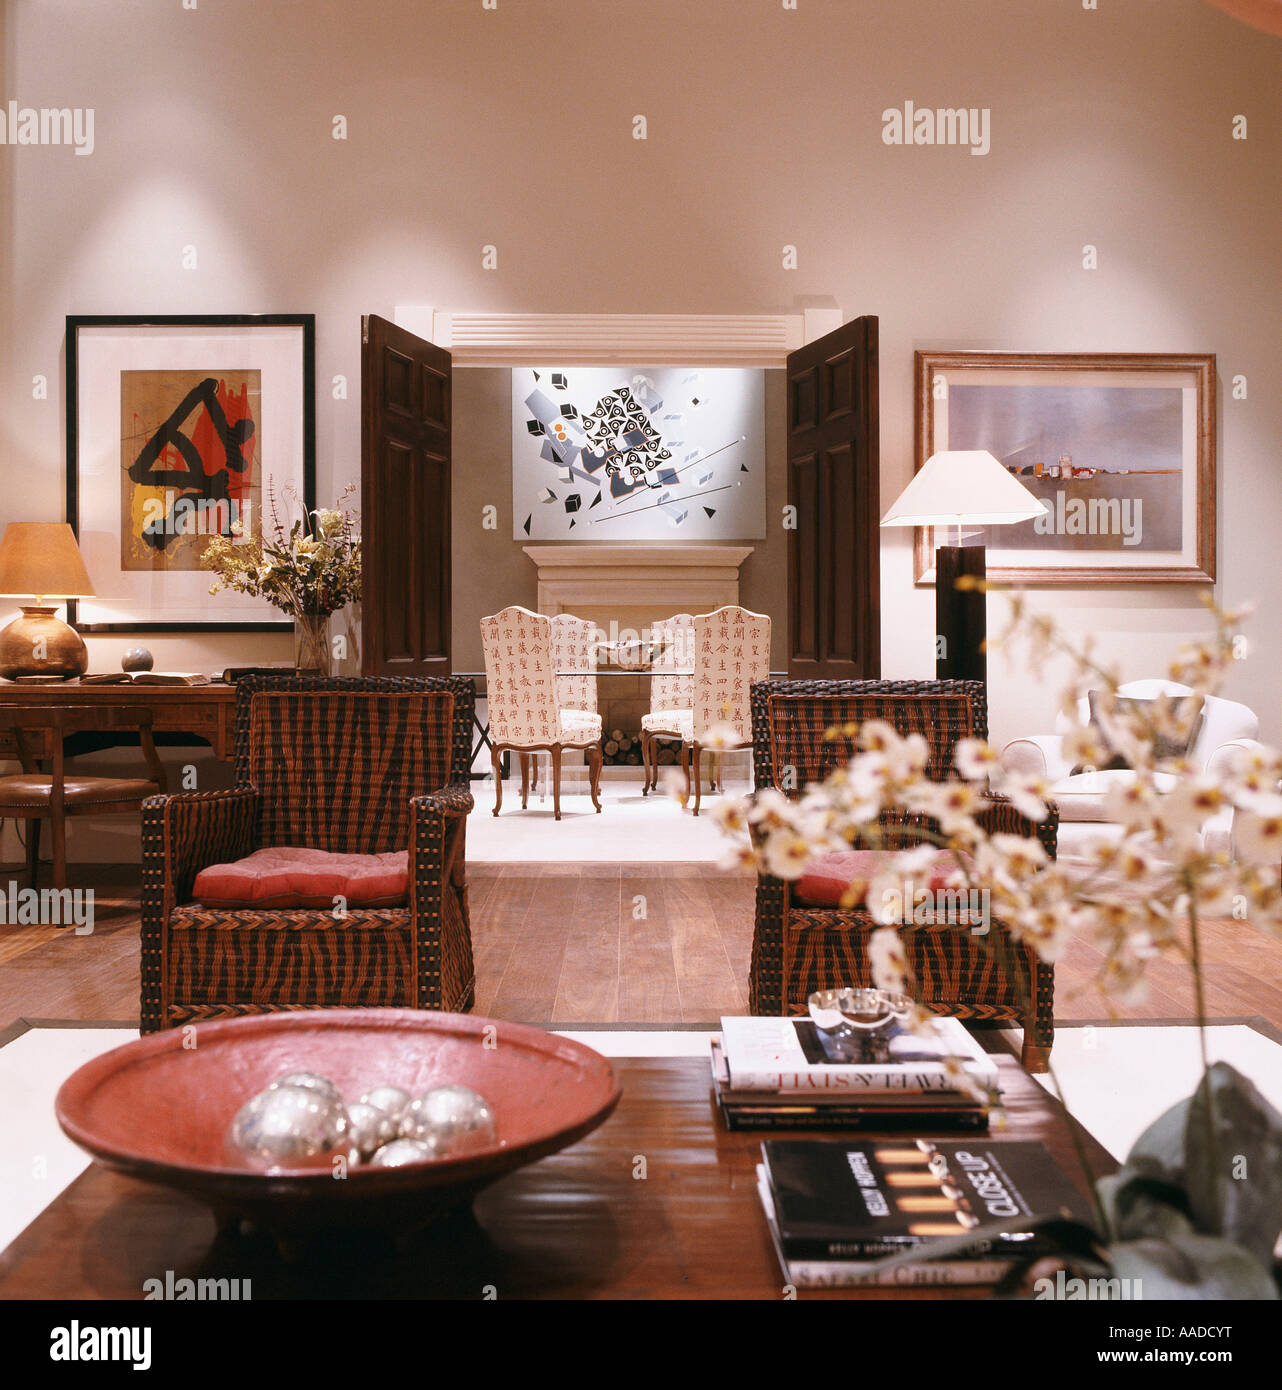 Table et chaises assorties d'ornements, vue à travers les portes doubles Banque D'Images